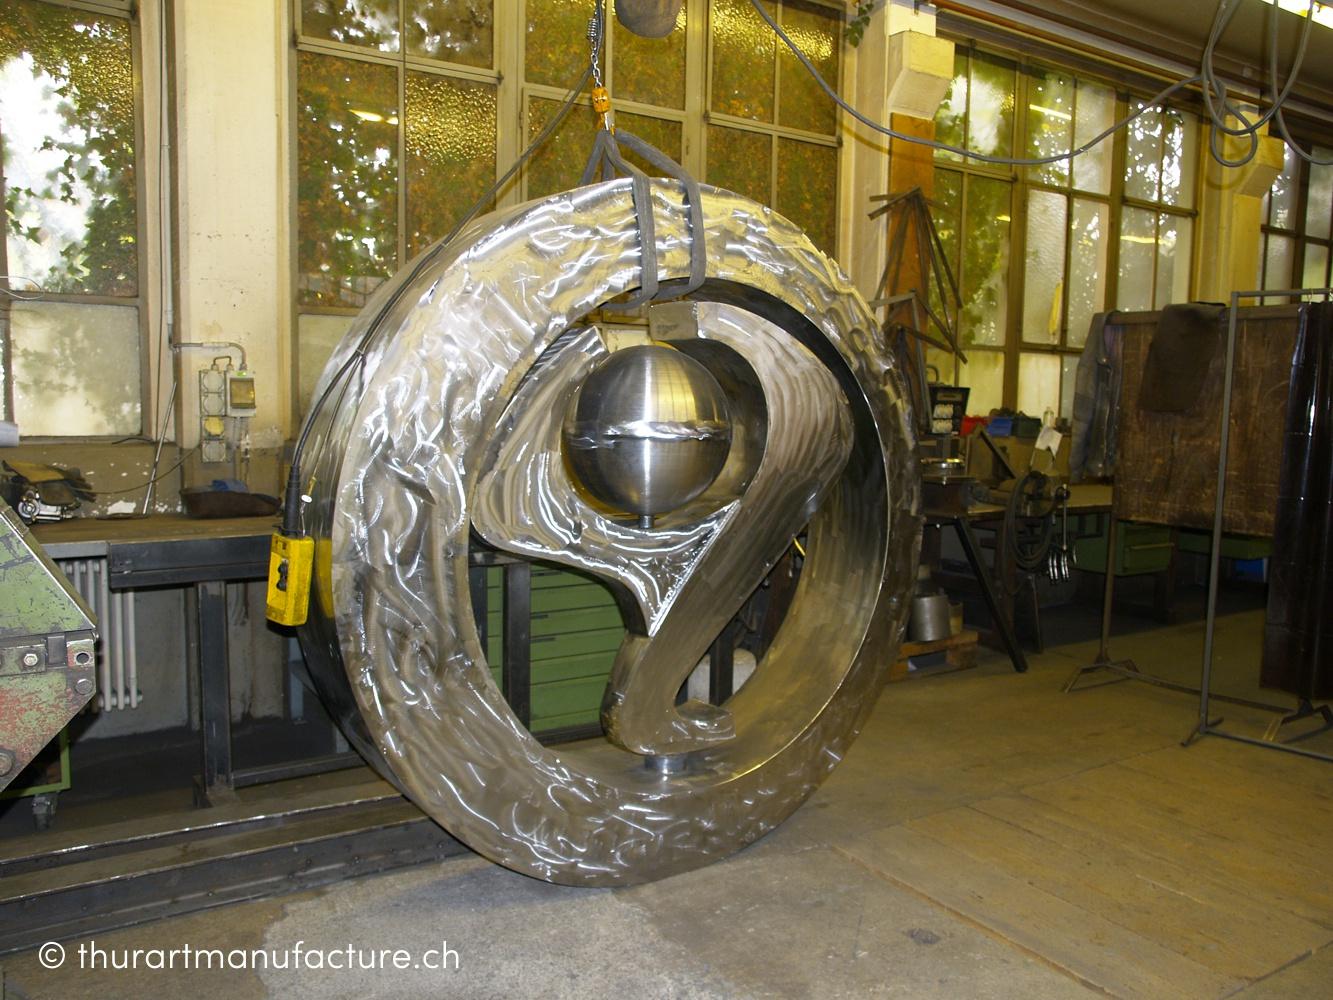 Formousia, Metallplastik, 2006